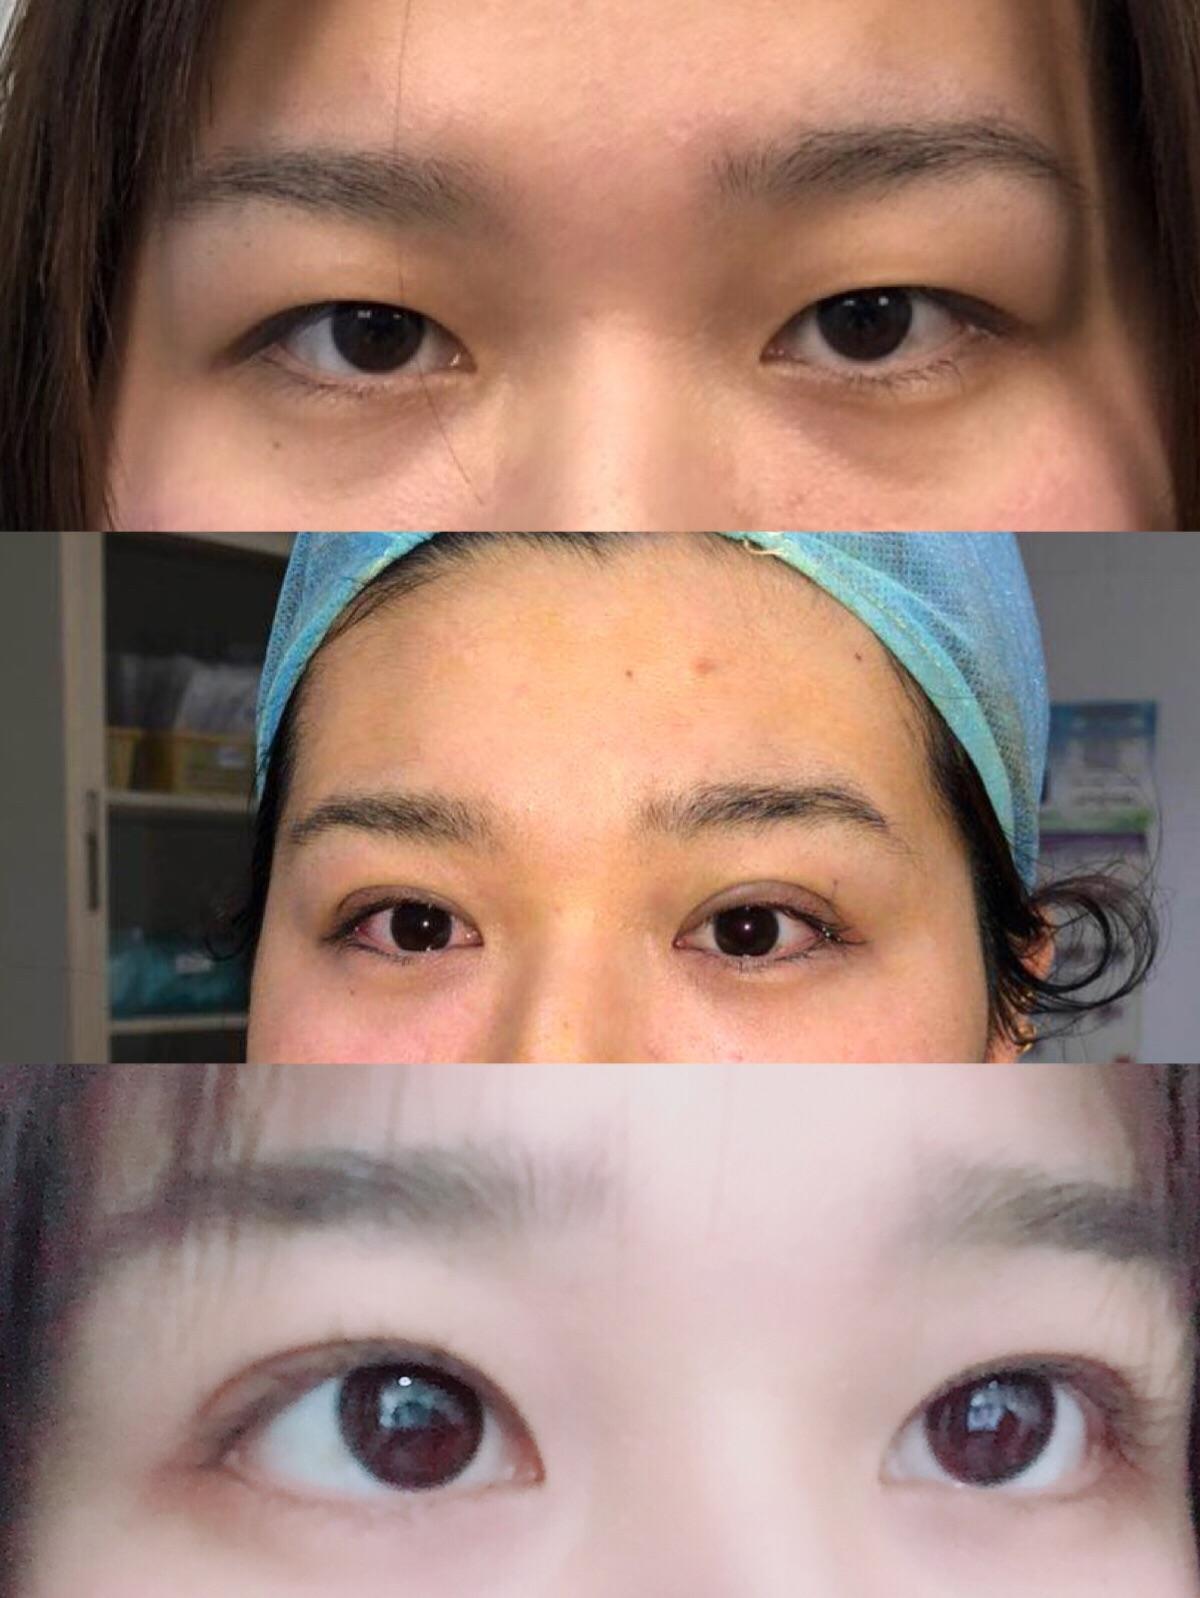 保持好的心态_埋线双眼皮能保持多久? - 知乎